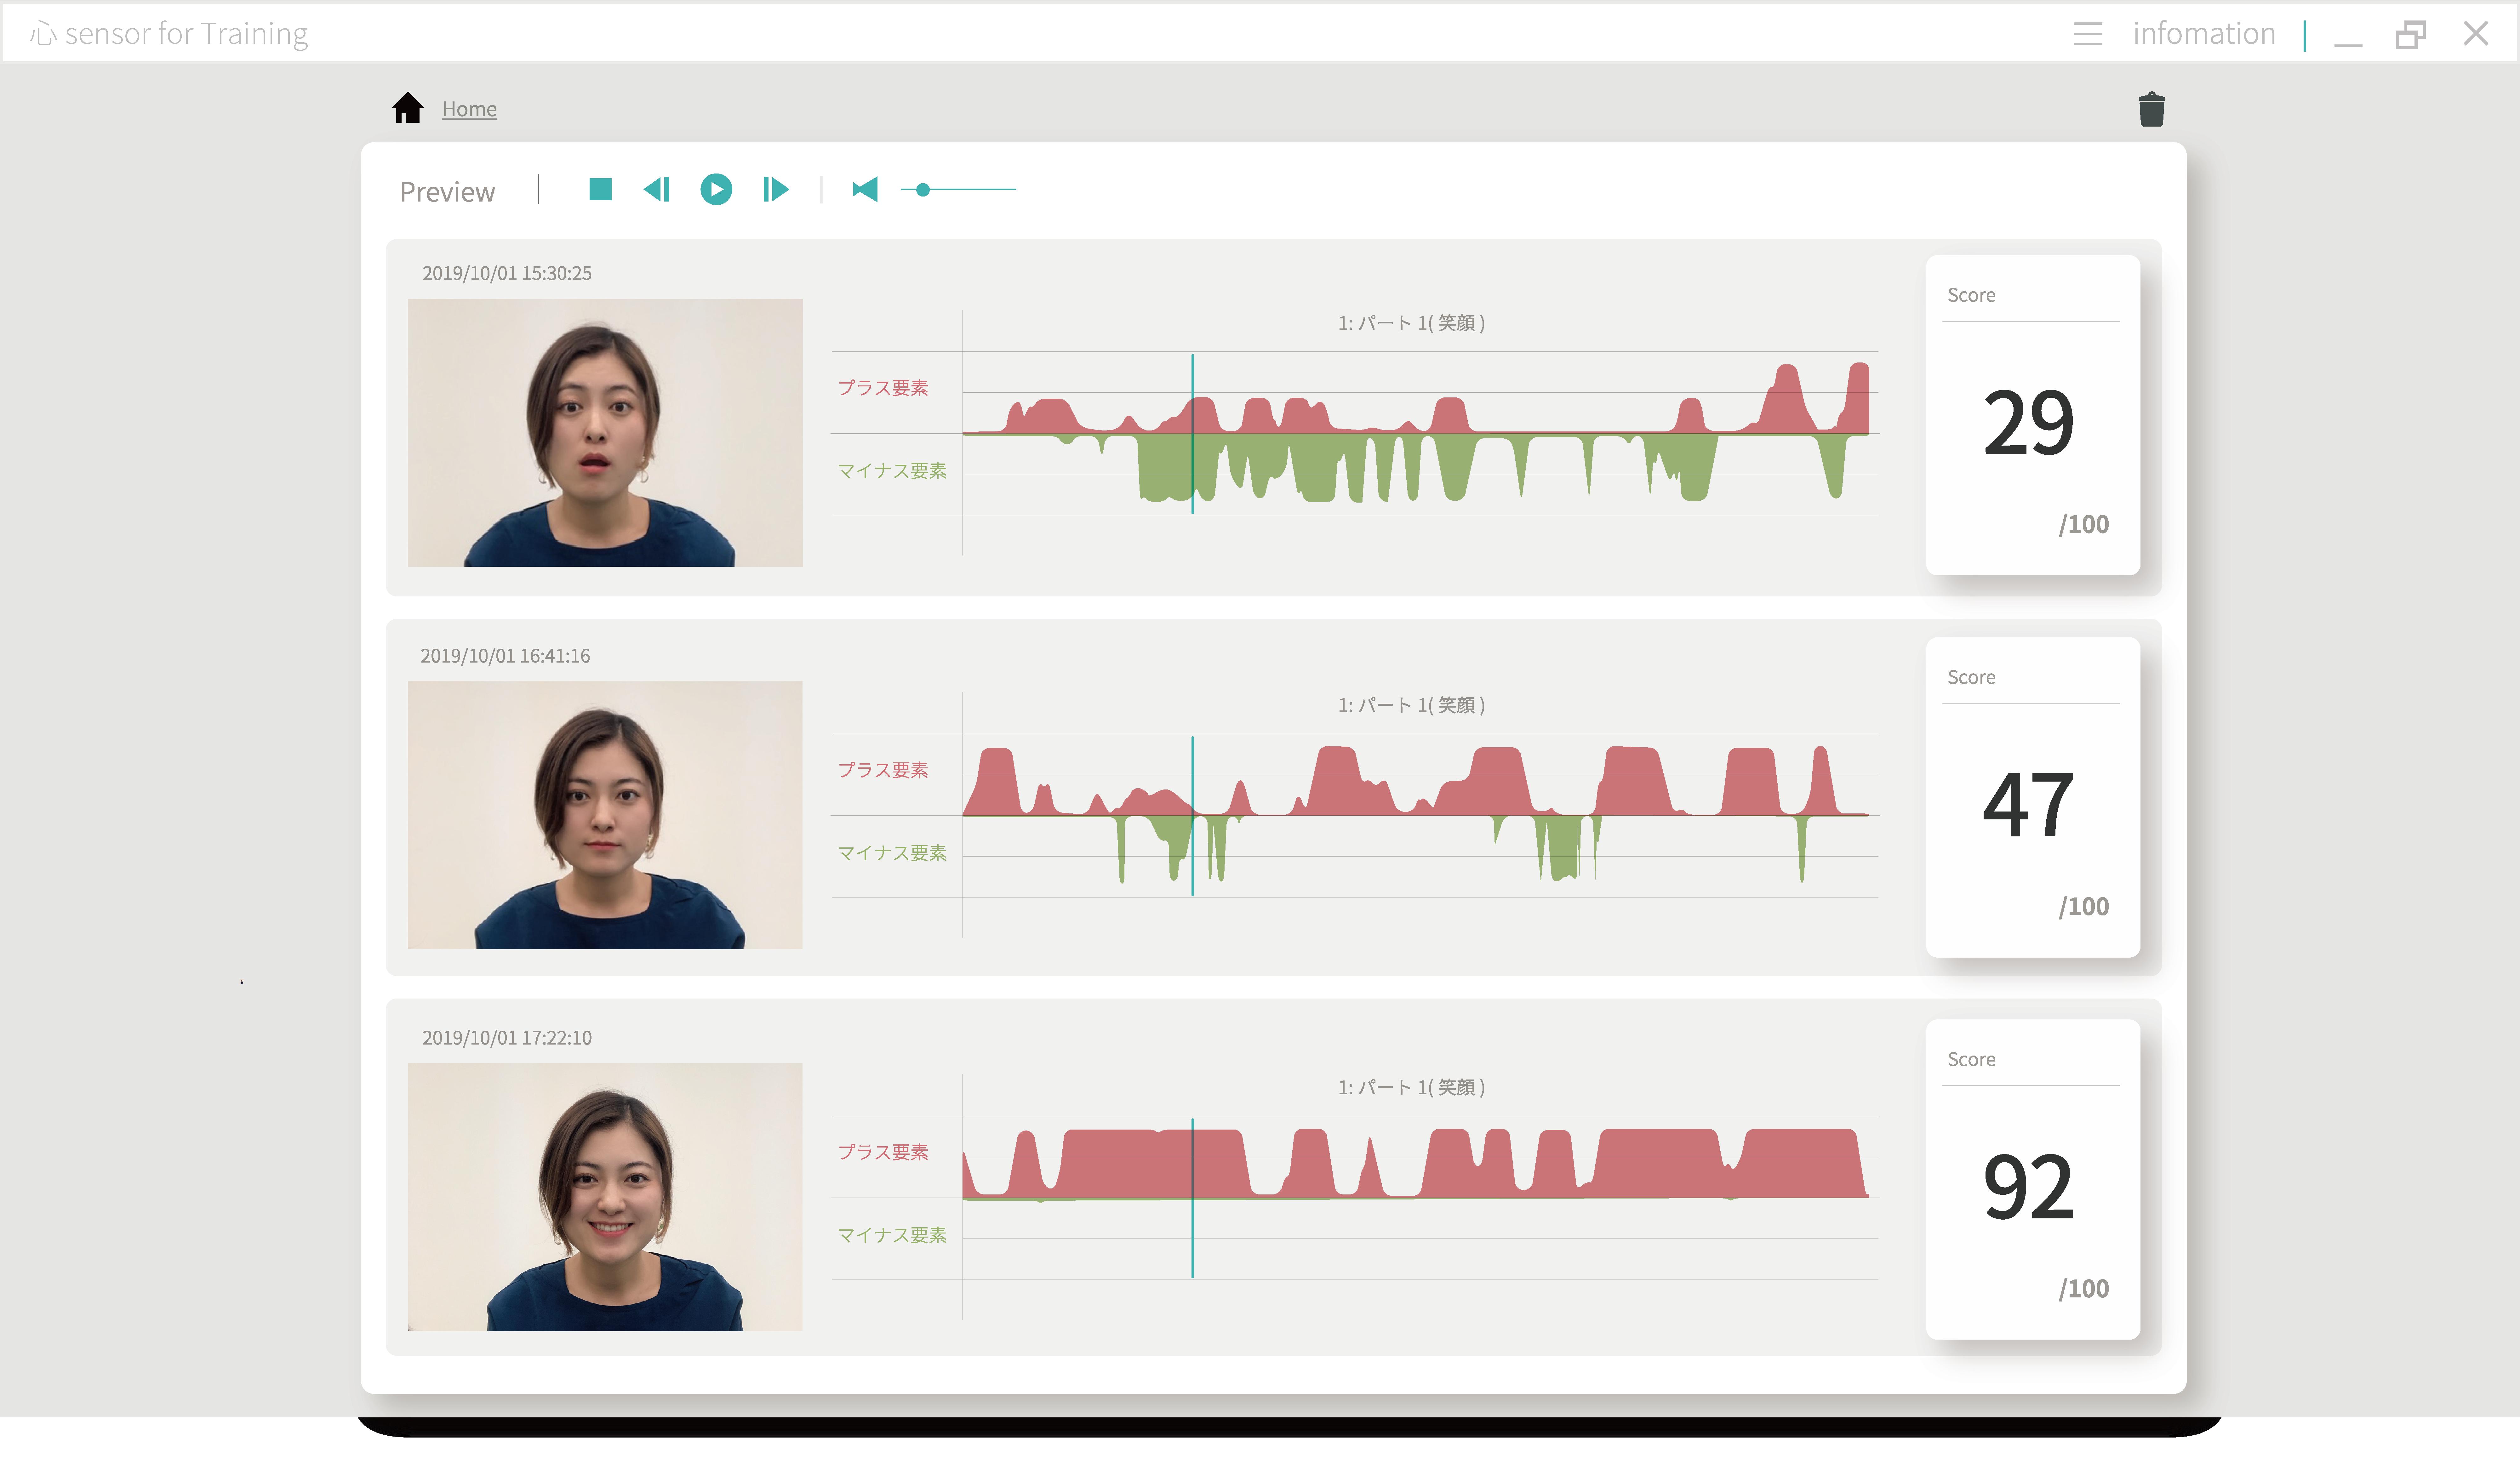 「心sensor for Training」の結果比較画面